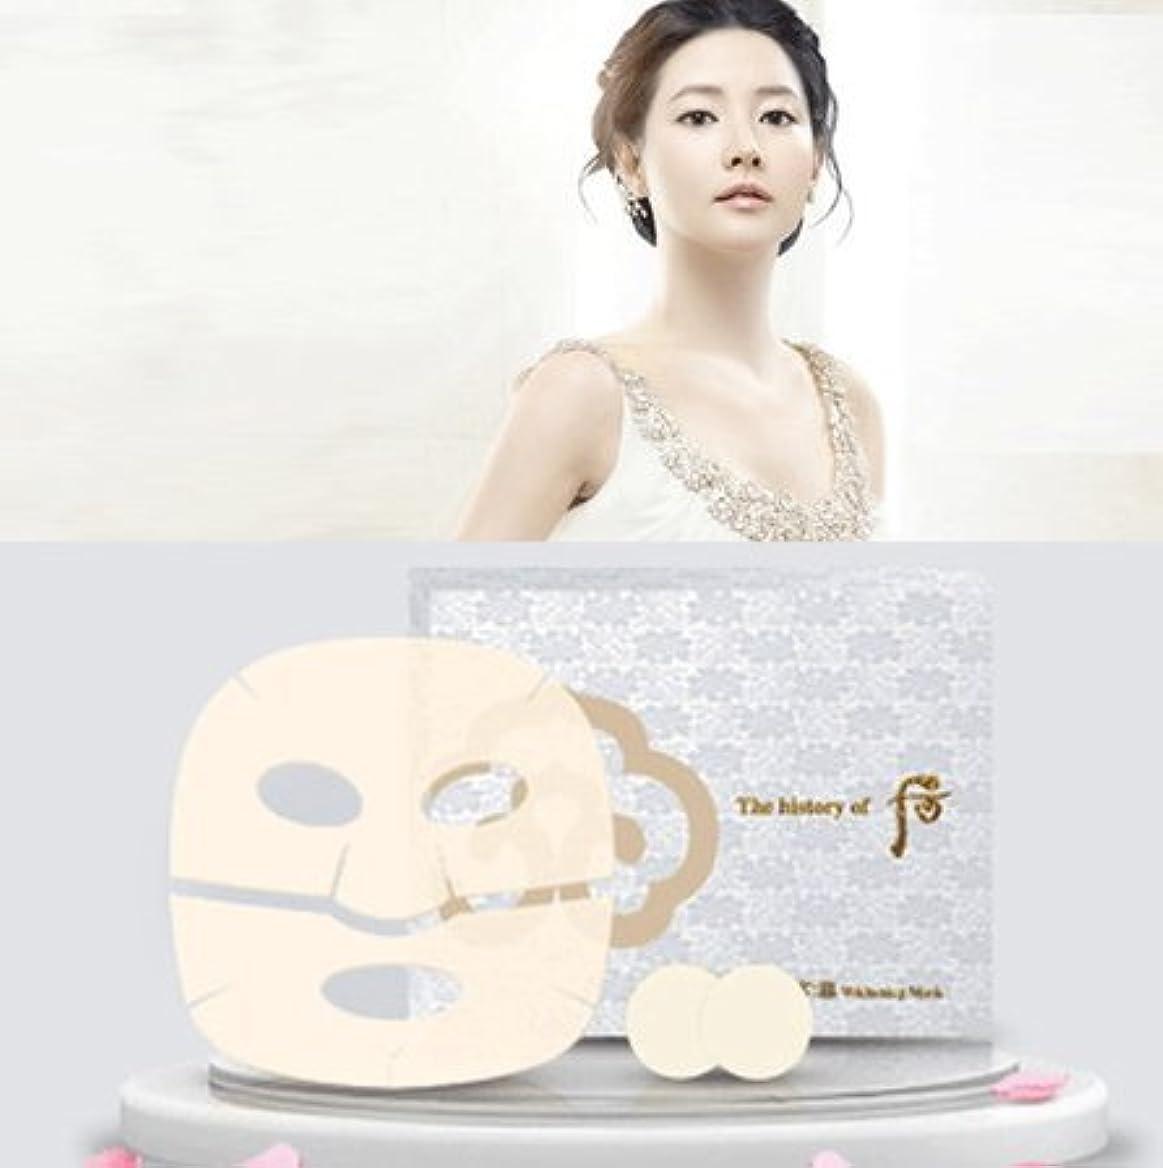 縮約眠っている良心的【フー/The history of whoo] Whoo后 ゴンジンヒャン 美白 光 マスク8枚入/ Gongjinhyang Mask Sheet 8ea+ Sample Gift(海外直送品)